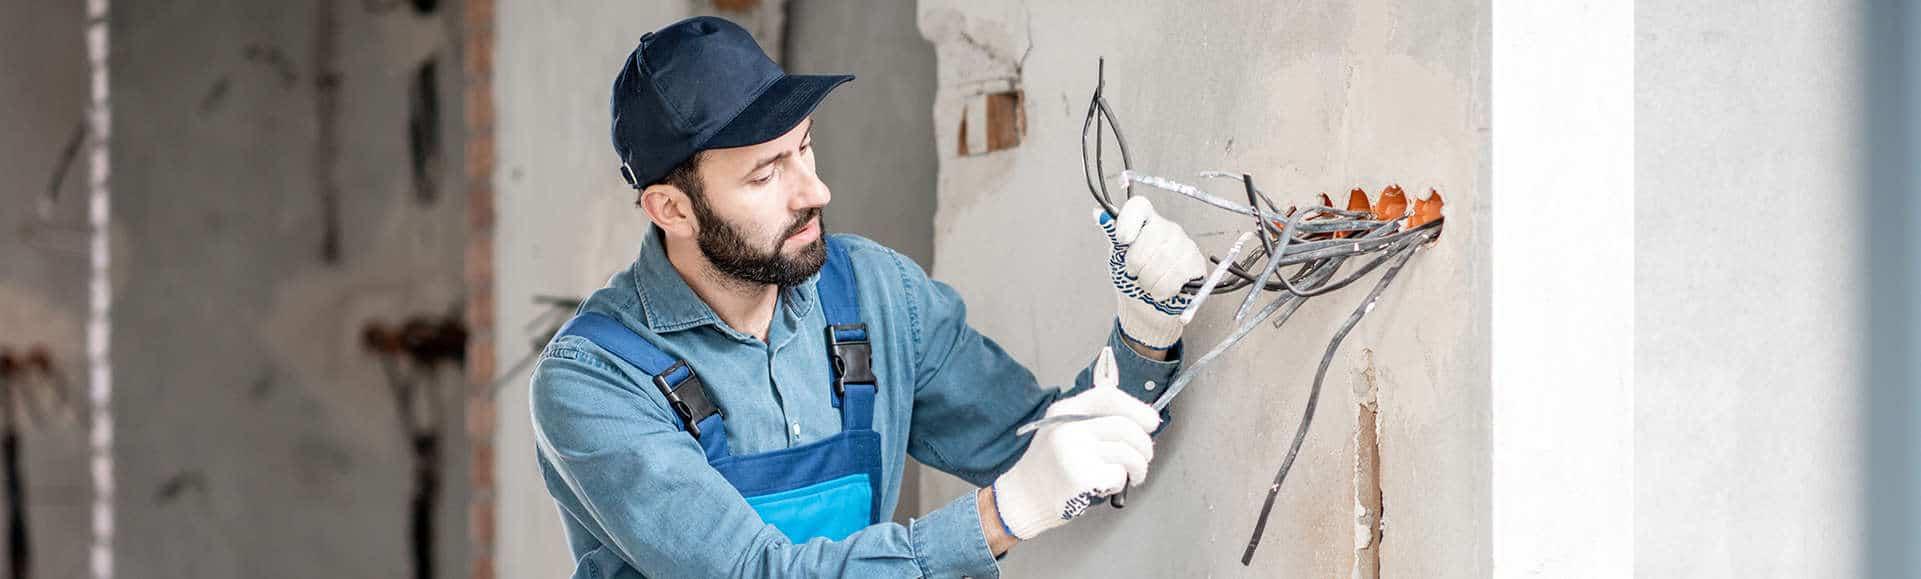 Elektricien werkt veilig aan een project dankzij het met Zenya behaalde certificaat.